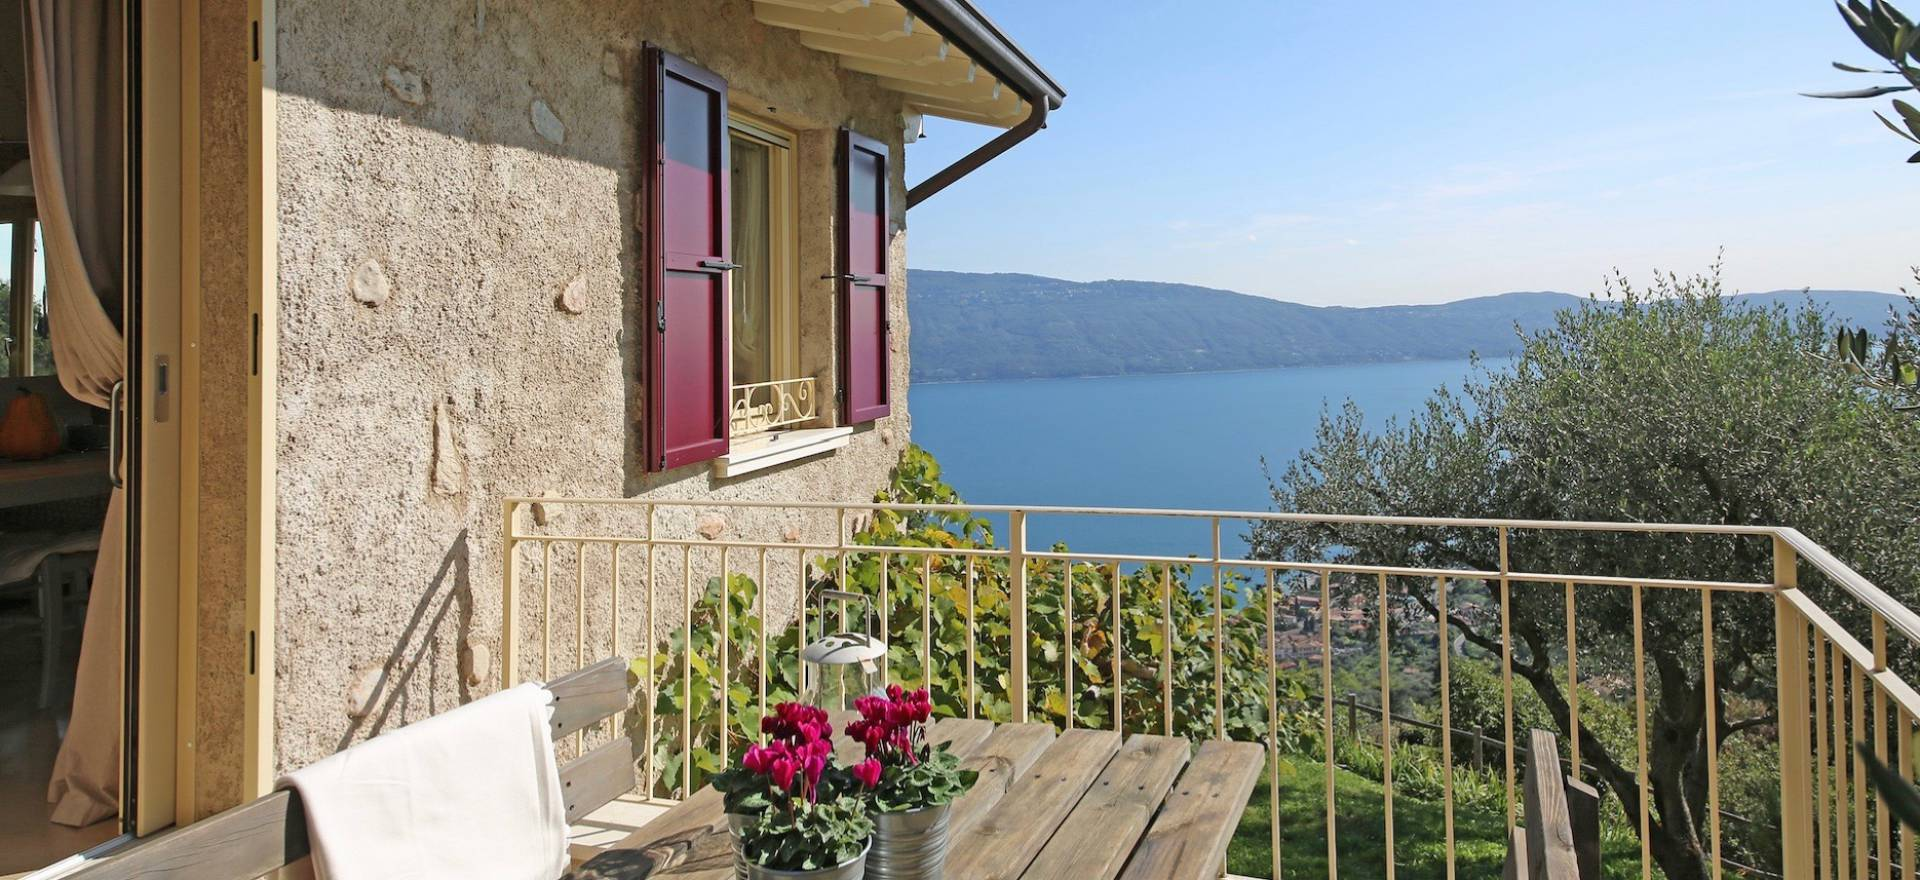 Sfeervol landhuis met zwembad en uitzicht op het gardameer - Casa vista lago garda ...